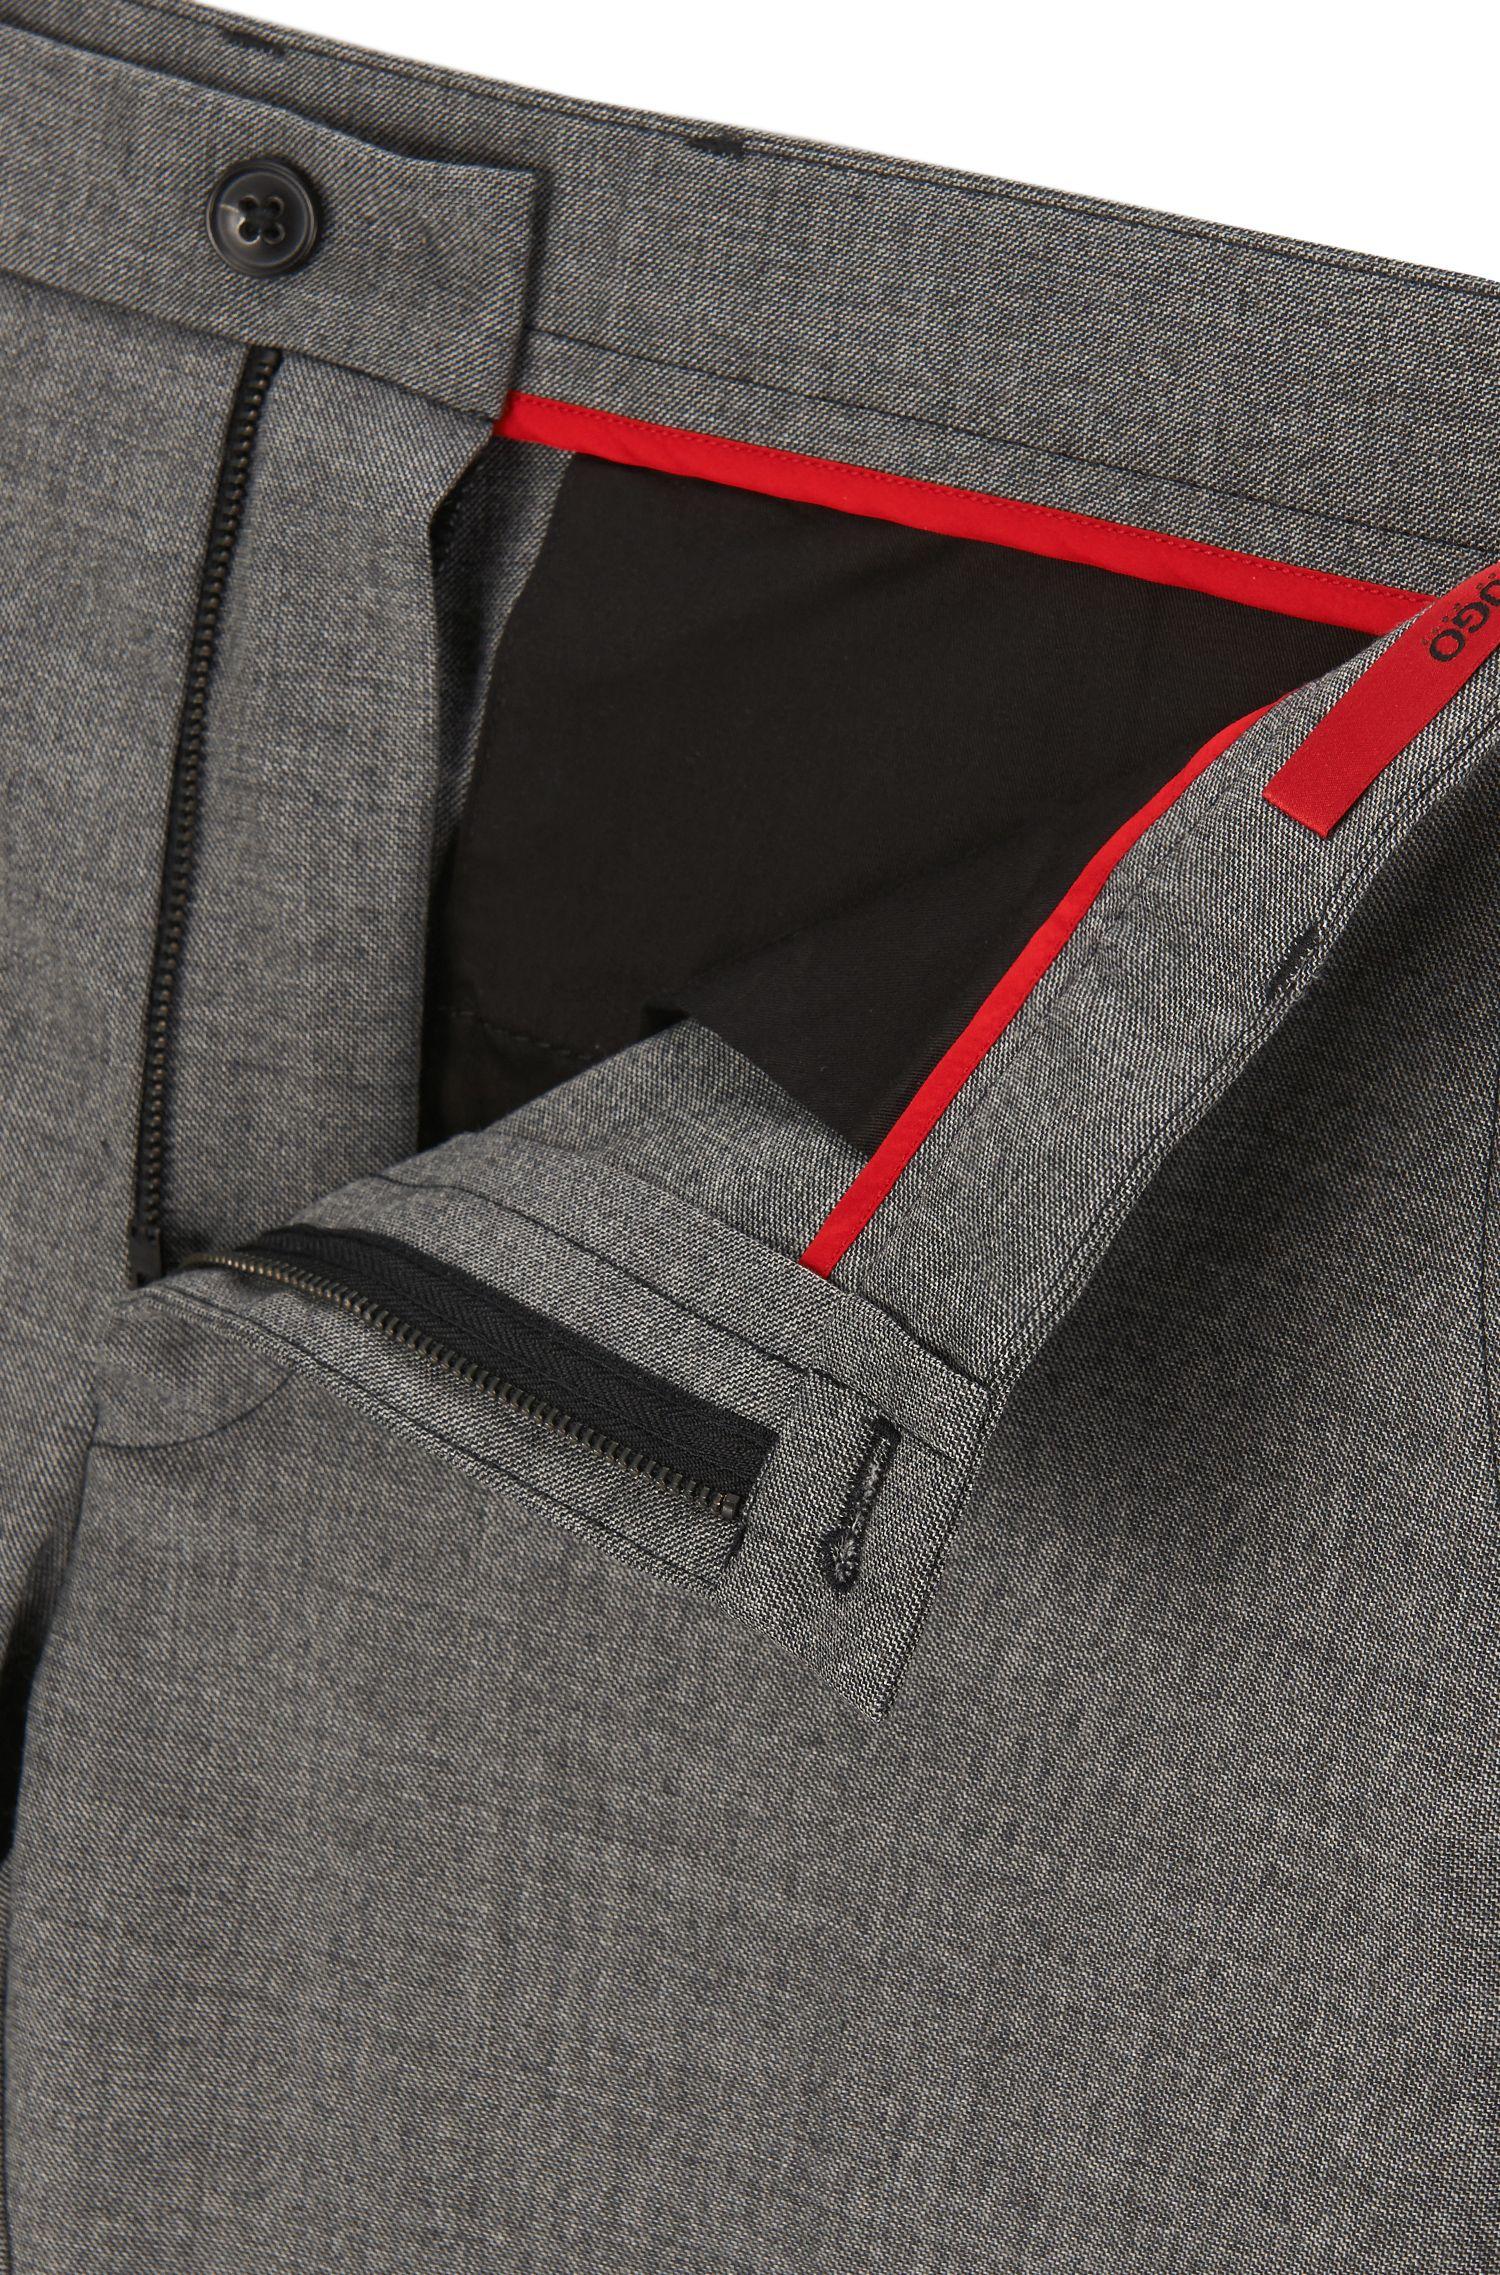 Stretch Virgin Wool Pants, Extra Slim Fit | Heldor, Grey